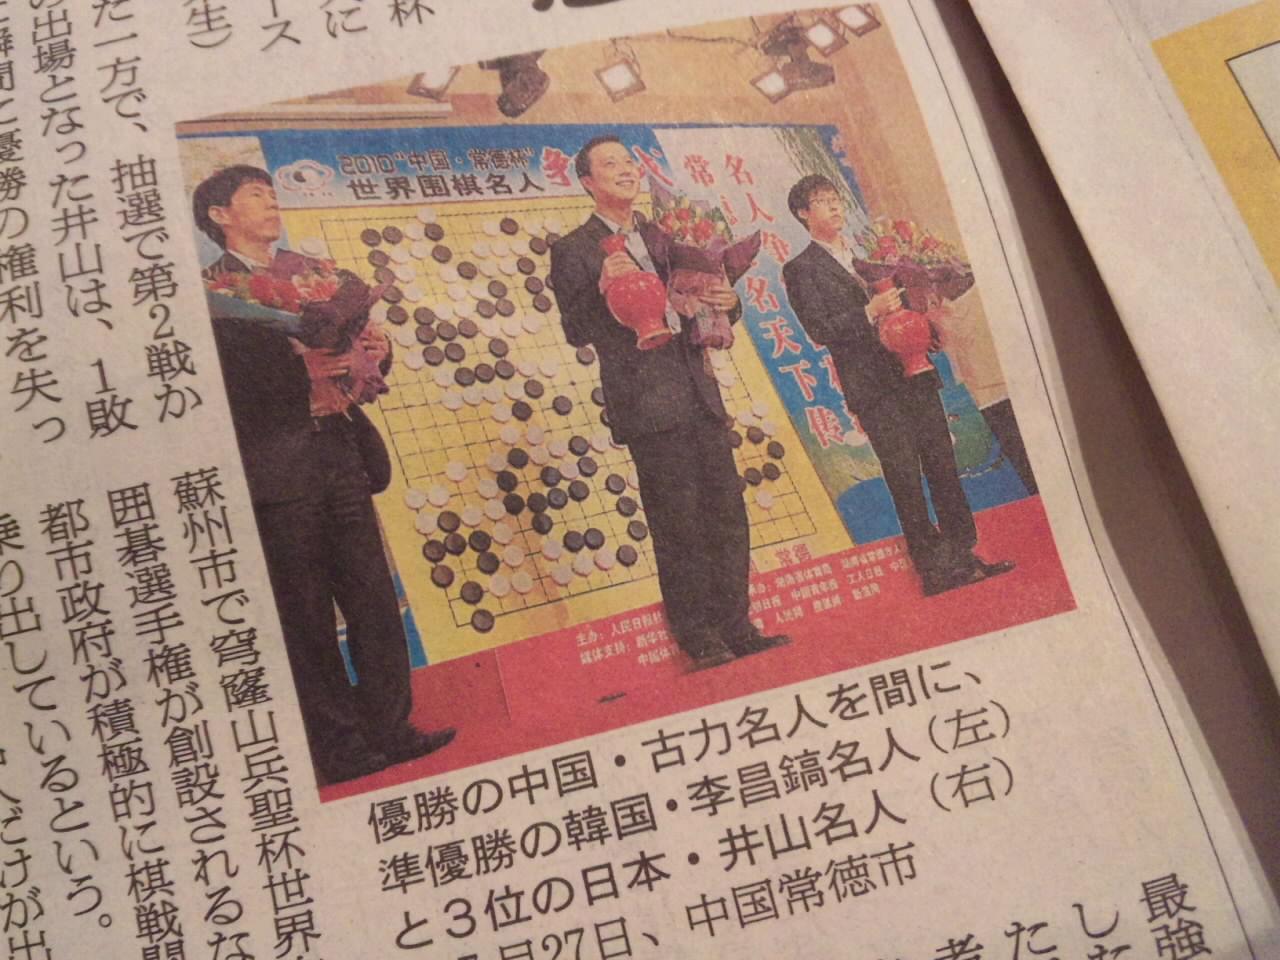 湖南常徳で開催された日中韓囲碁大会の報道本日の朝日新聞夕刊から_d0027795_19114363.jpg